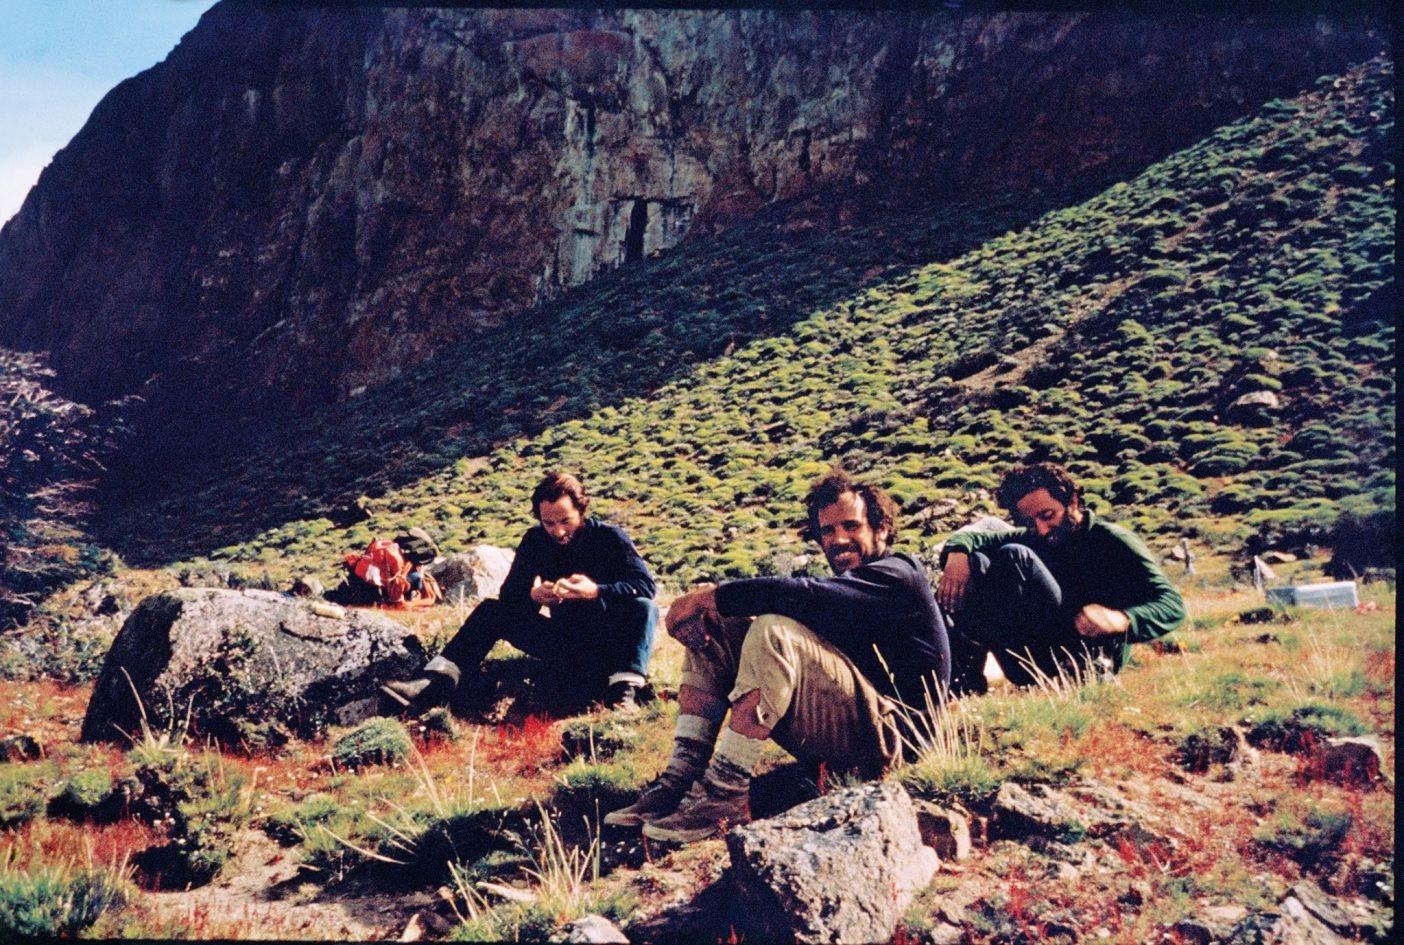 素晴らしい味は産地に根差す傾向にある。1968年のフィッツロイ登攀達成前に、チミチュリ風味の昼食で休憩を取るイヴォン・シュイナード、ダグ・トンプキンス、リト・テハダ・フロレス(左から右へ)。アルゼンチン、ロス・グラシアレス国立公園Photo : Chris Jones